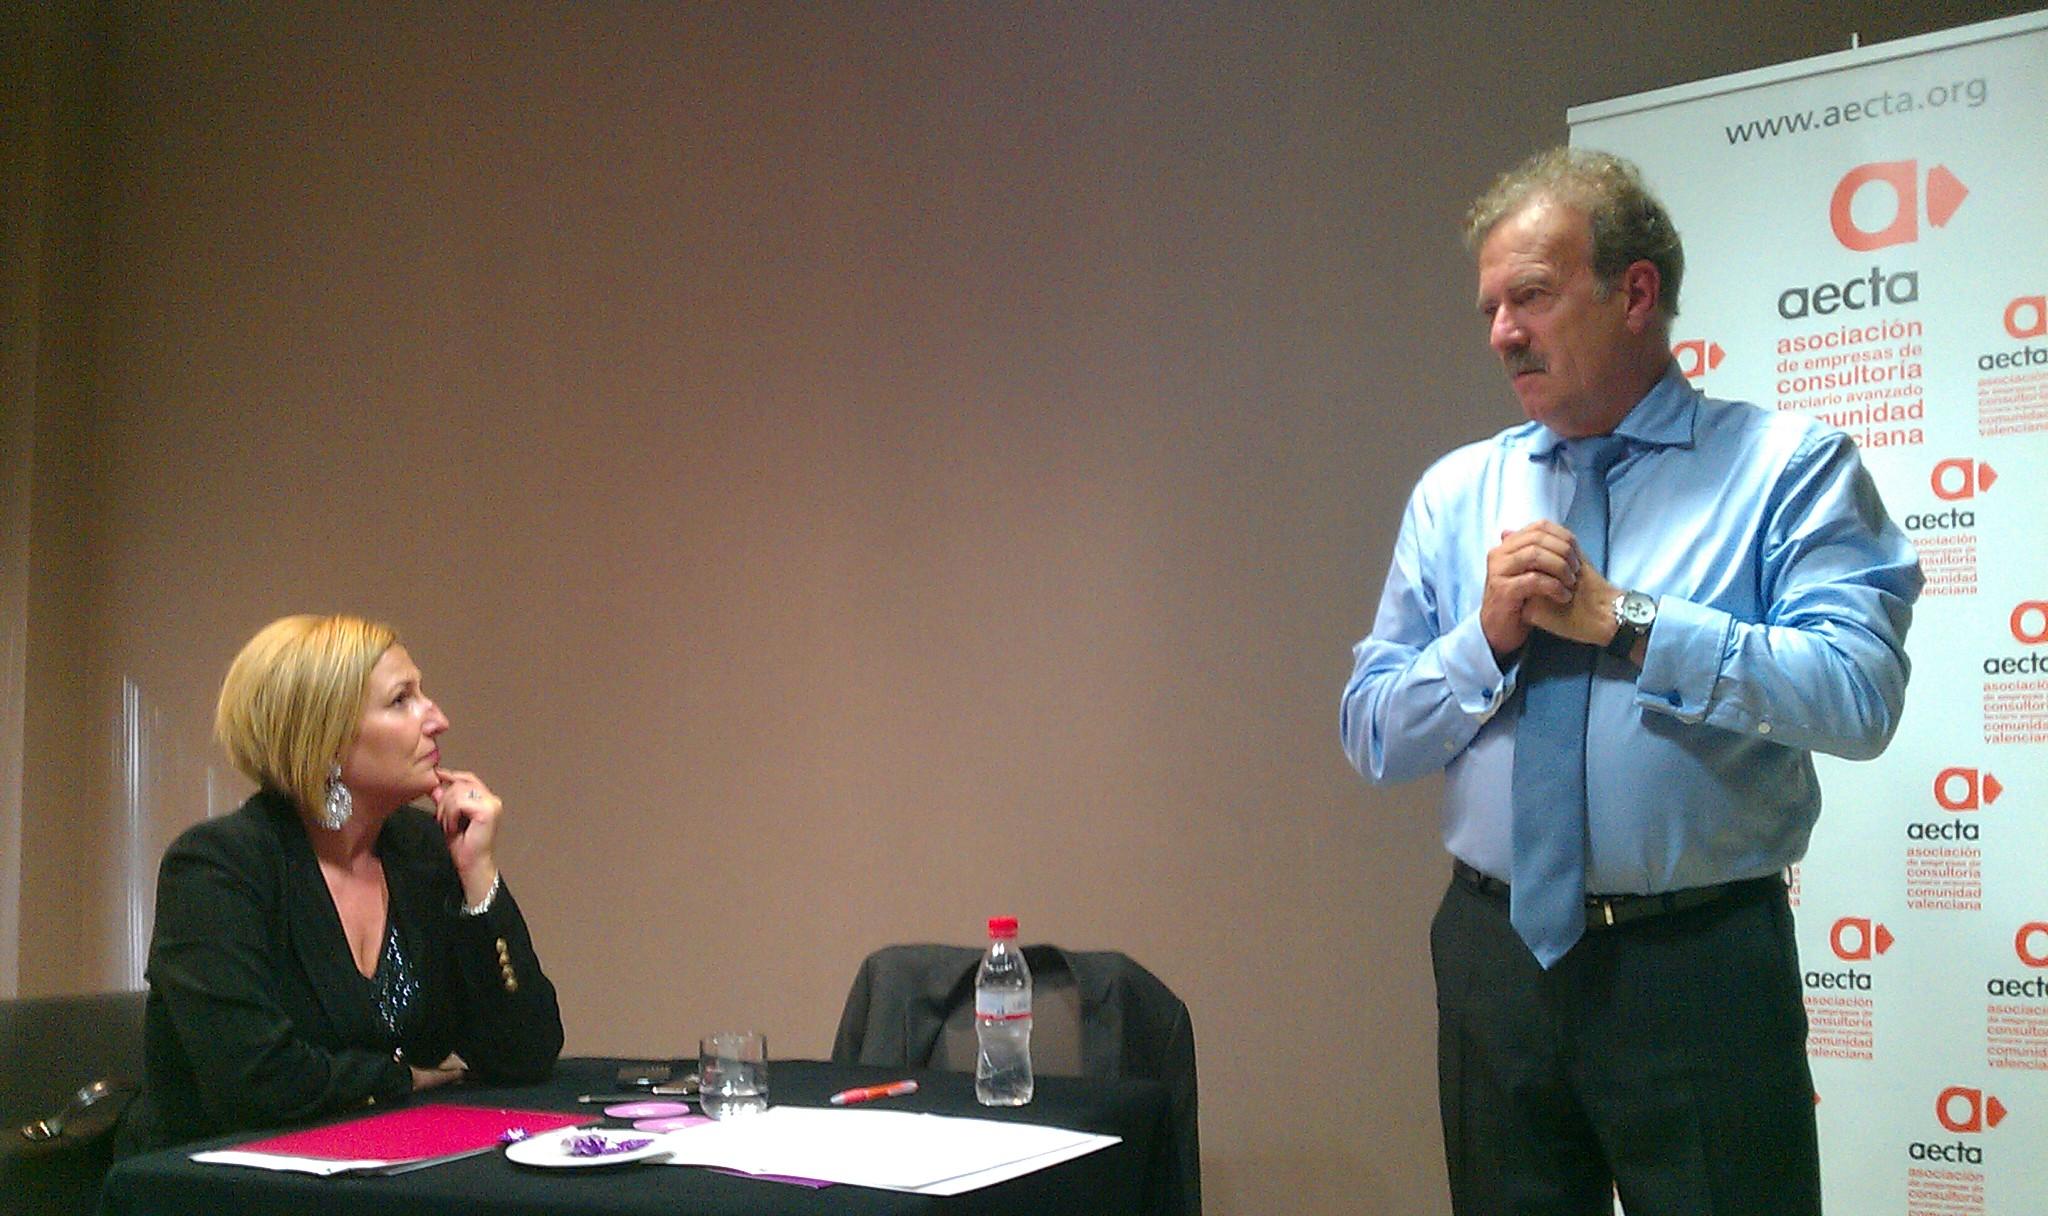 La Escuela de Consultores de AECTA se pone en marcha con Manuel Campo Vidal como ponente inaugural